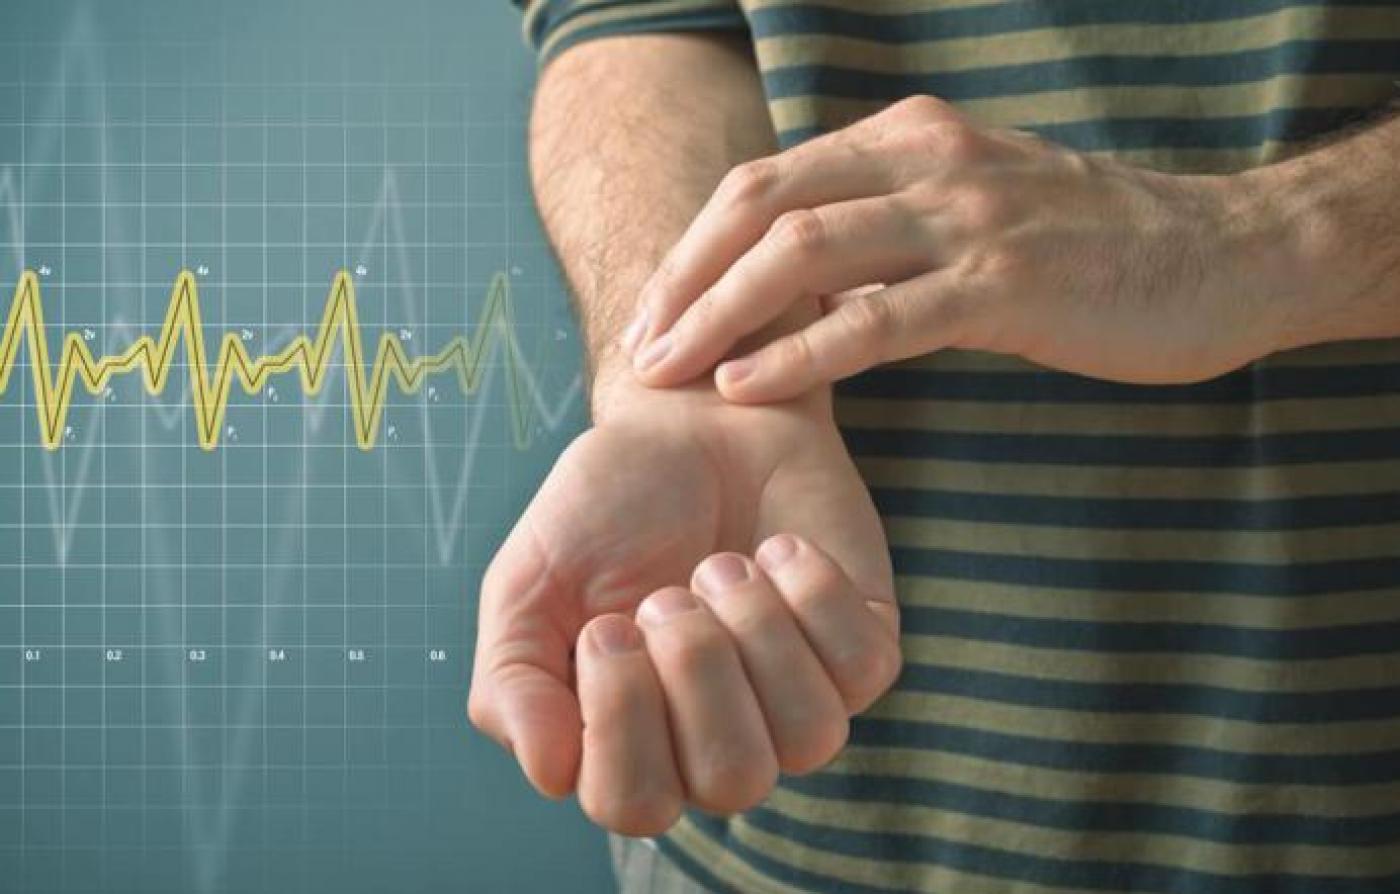 Что делать, если возникает сбой сердечного ритма